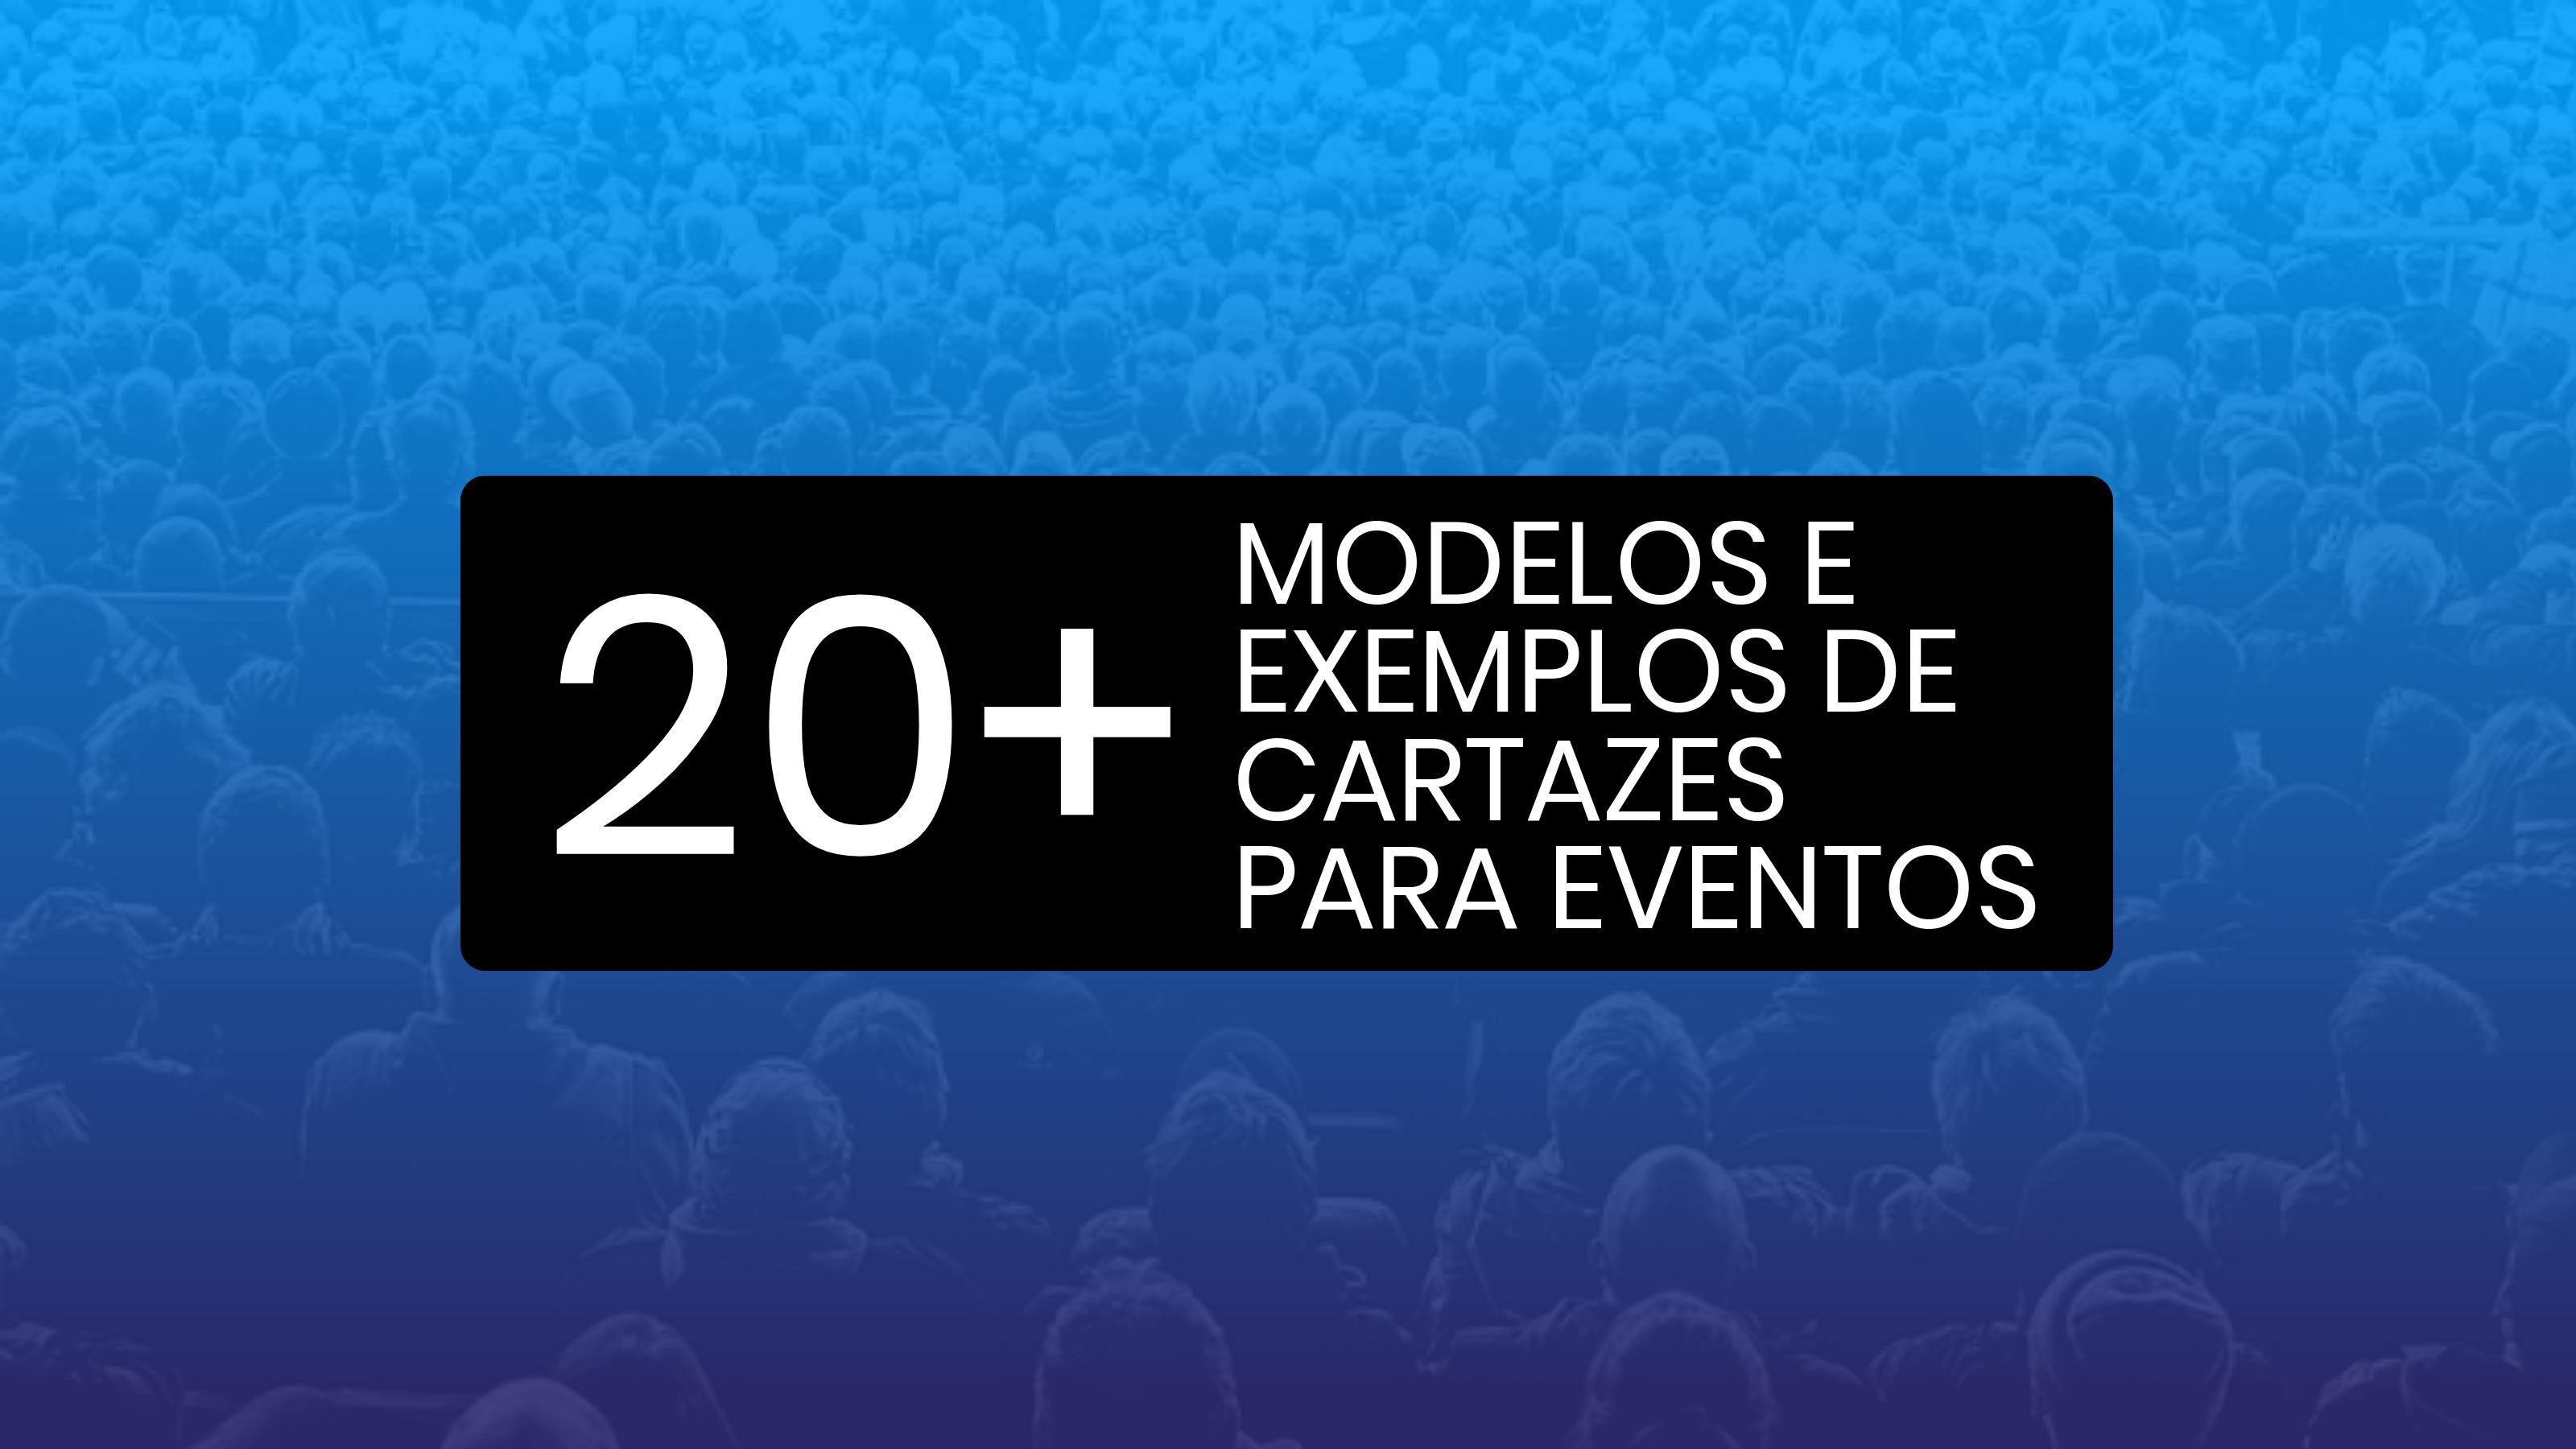 Mais de 20 exemplos de modelo de cartaz de eventos, fundos e dicas de design para chamar a atenção